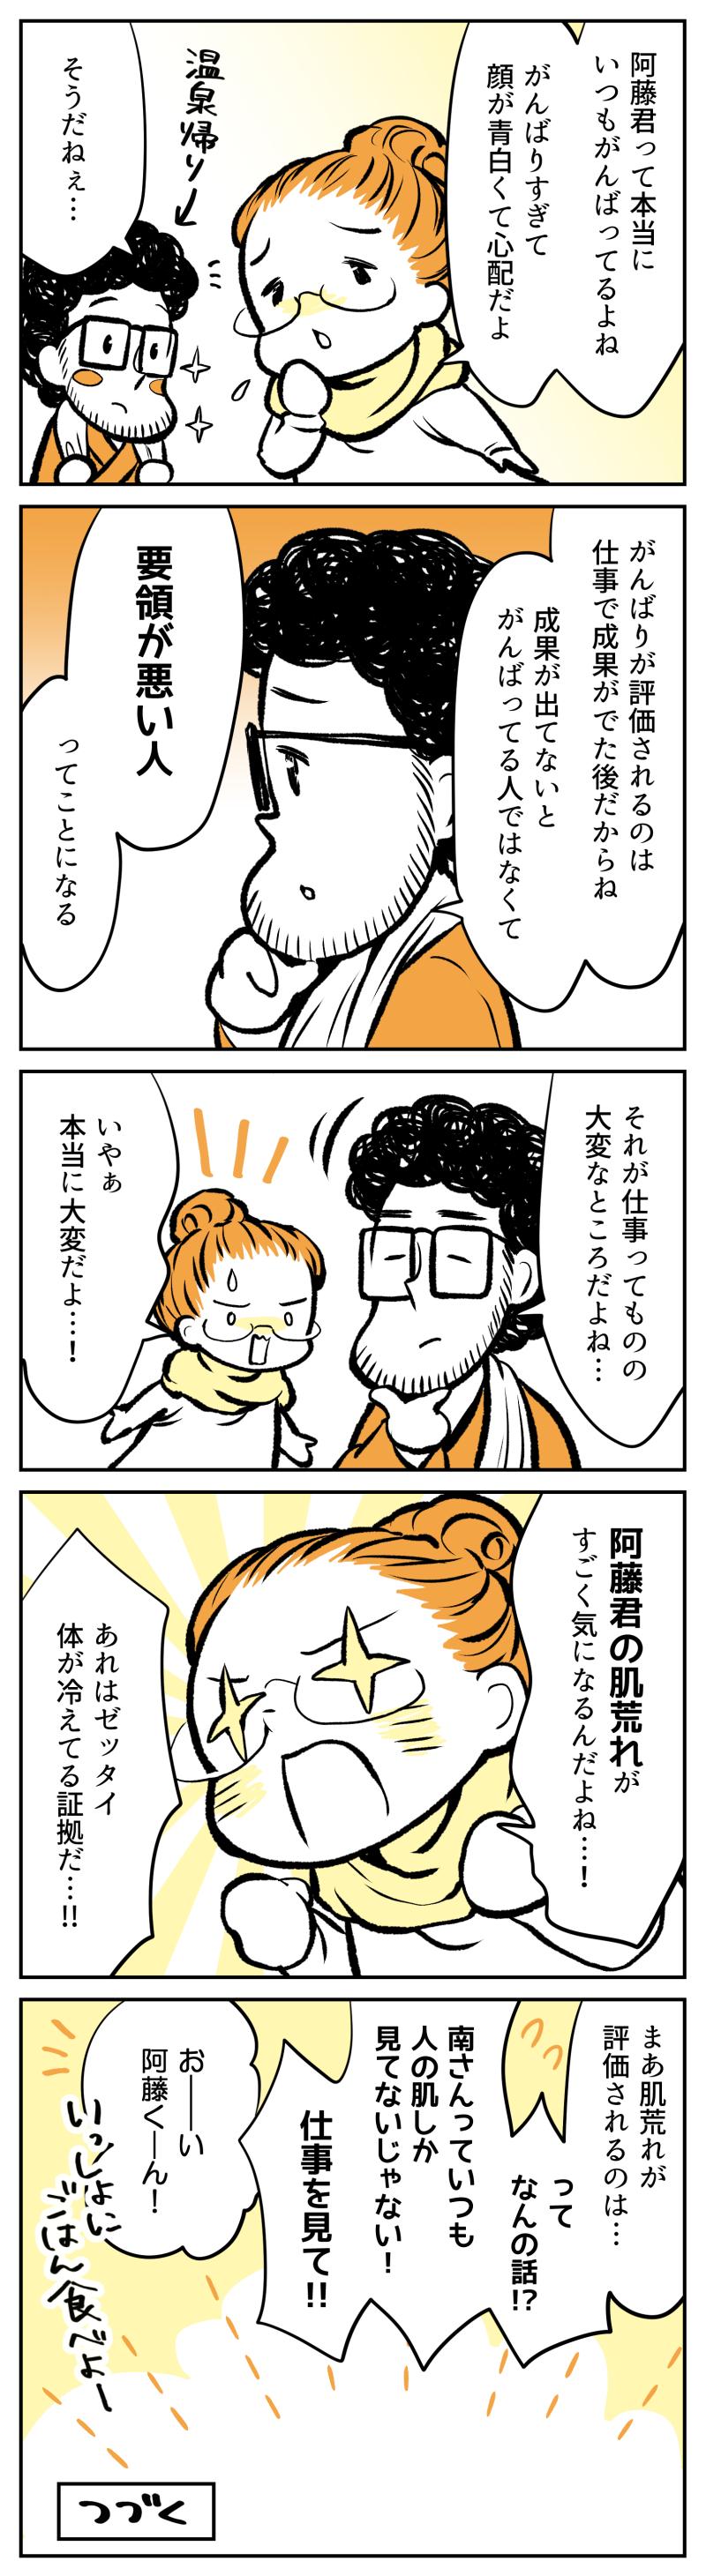 伯爵1話_005.jpg